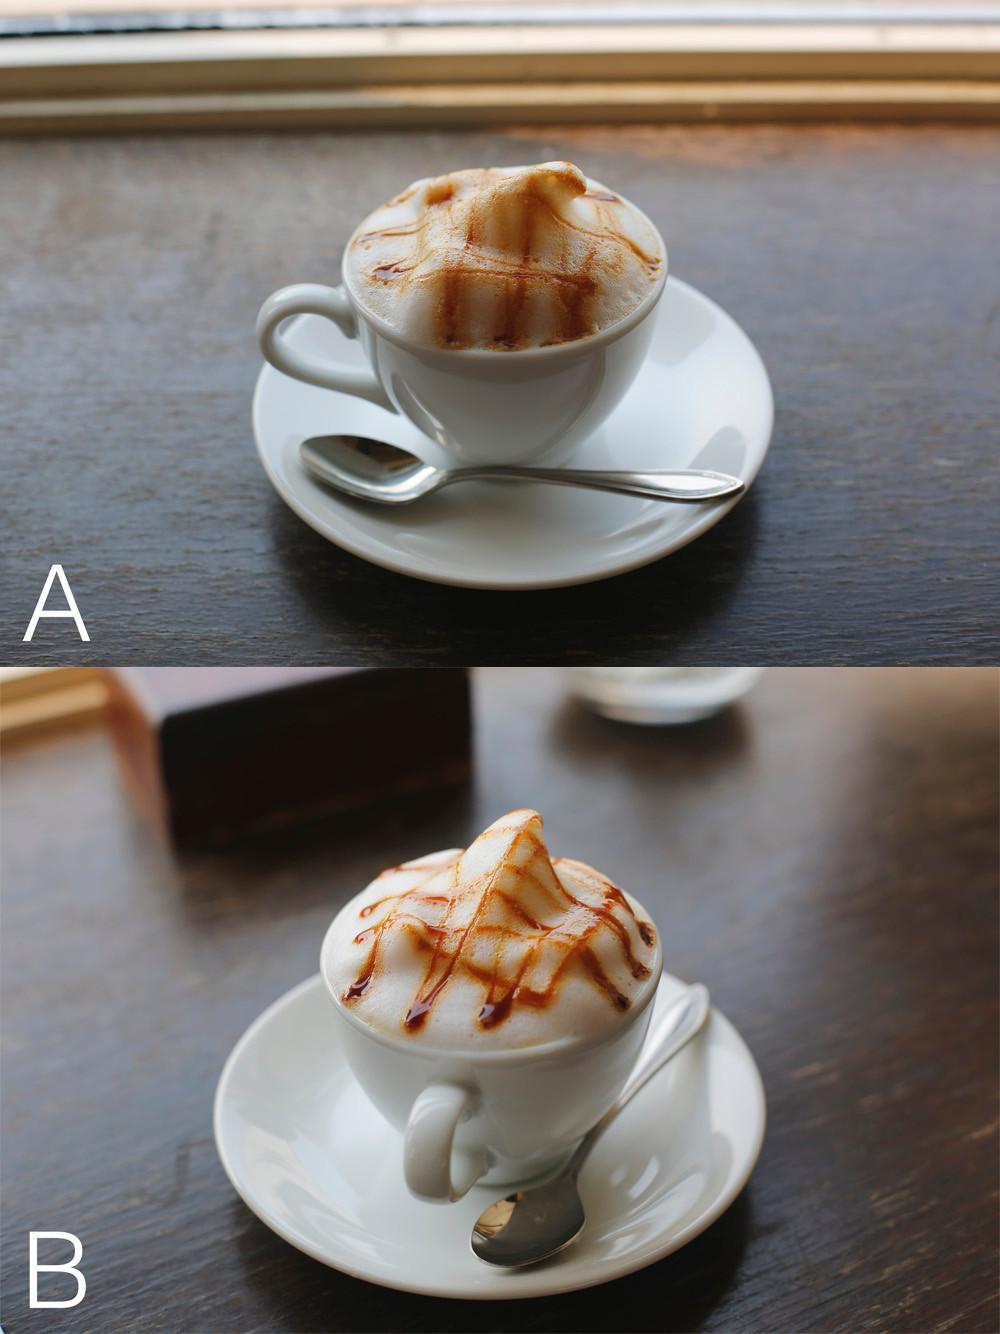 合成元写真A,B